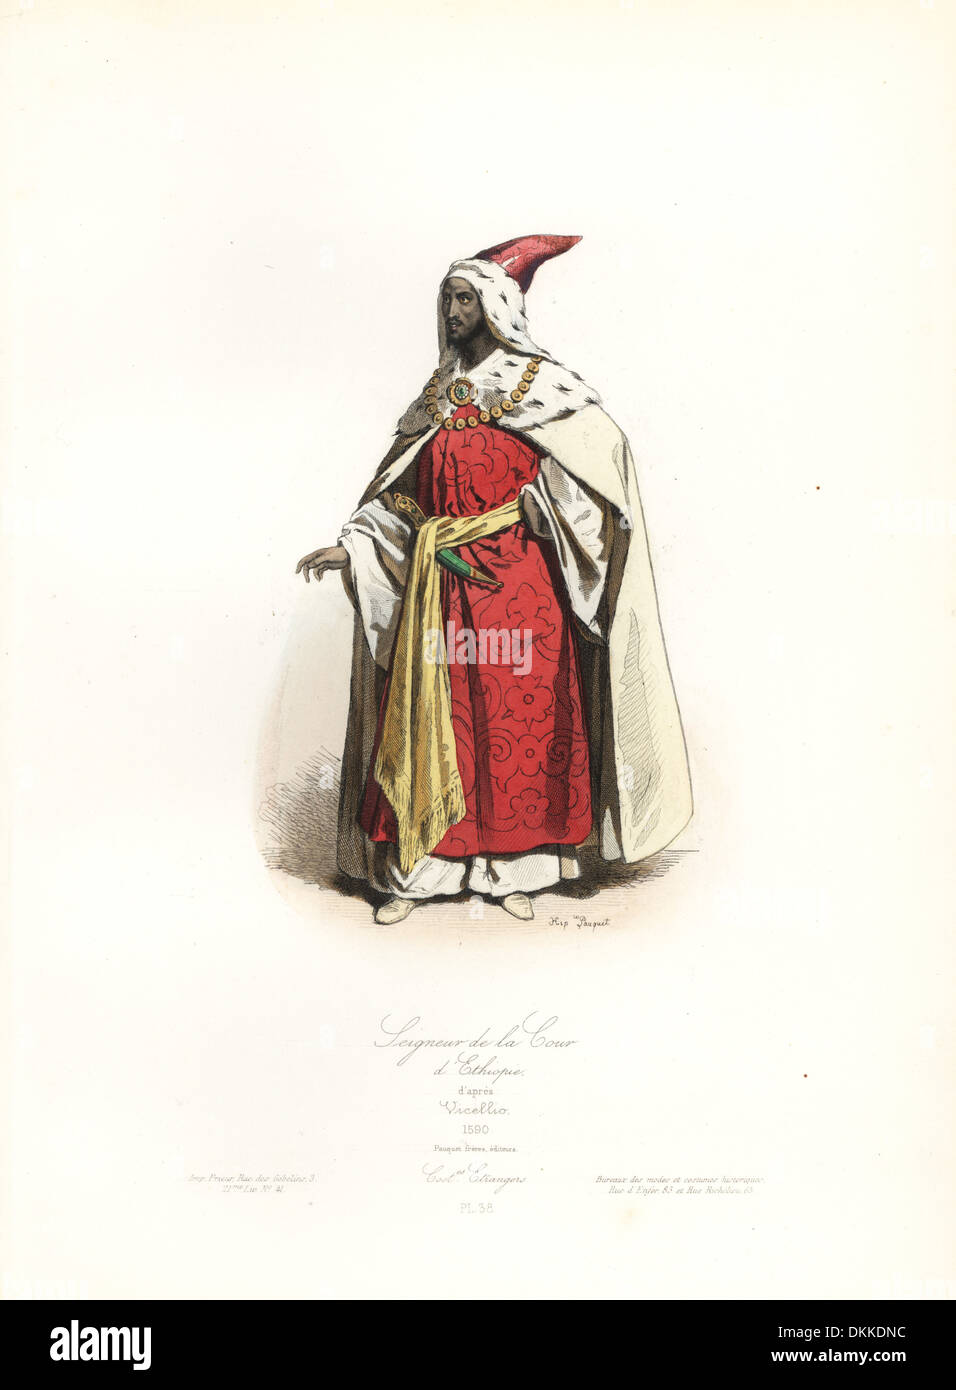 Meister der Gerichtshof von Äthiopien, nach Tizian Vicellio, 1590. Stockbild